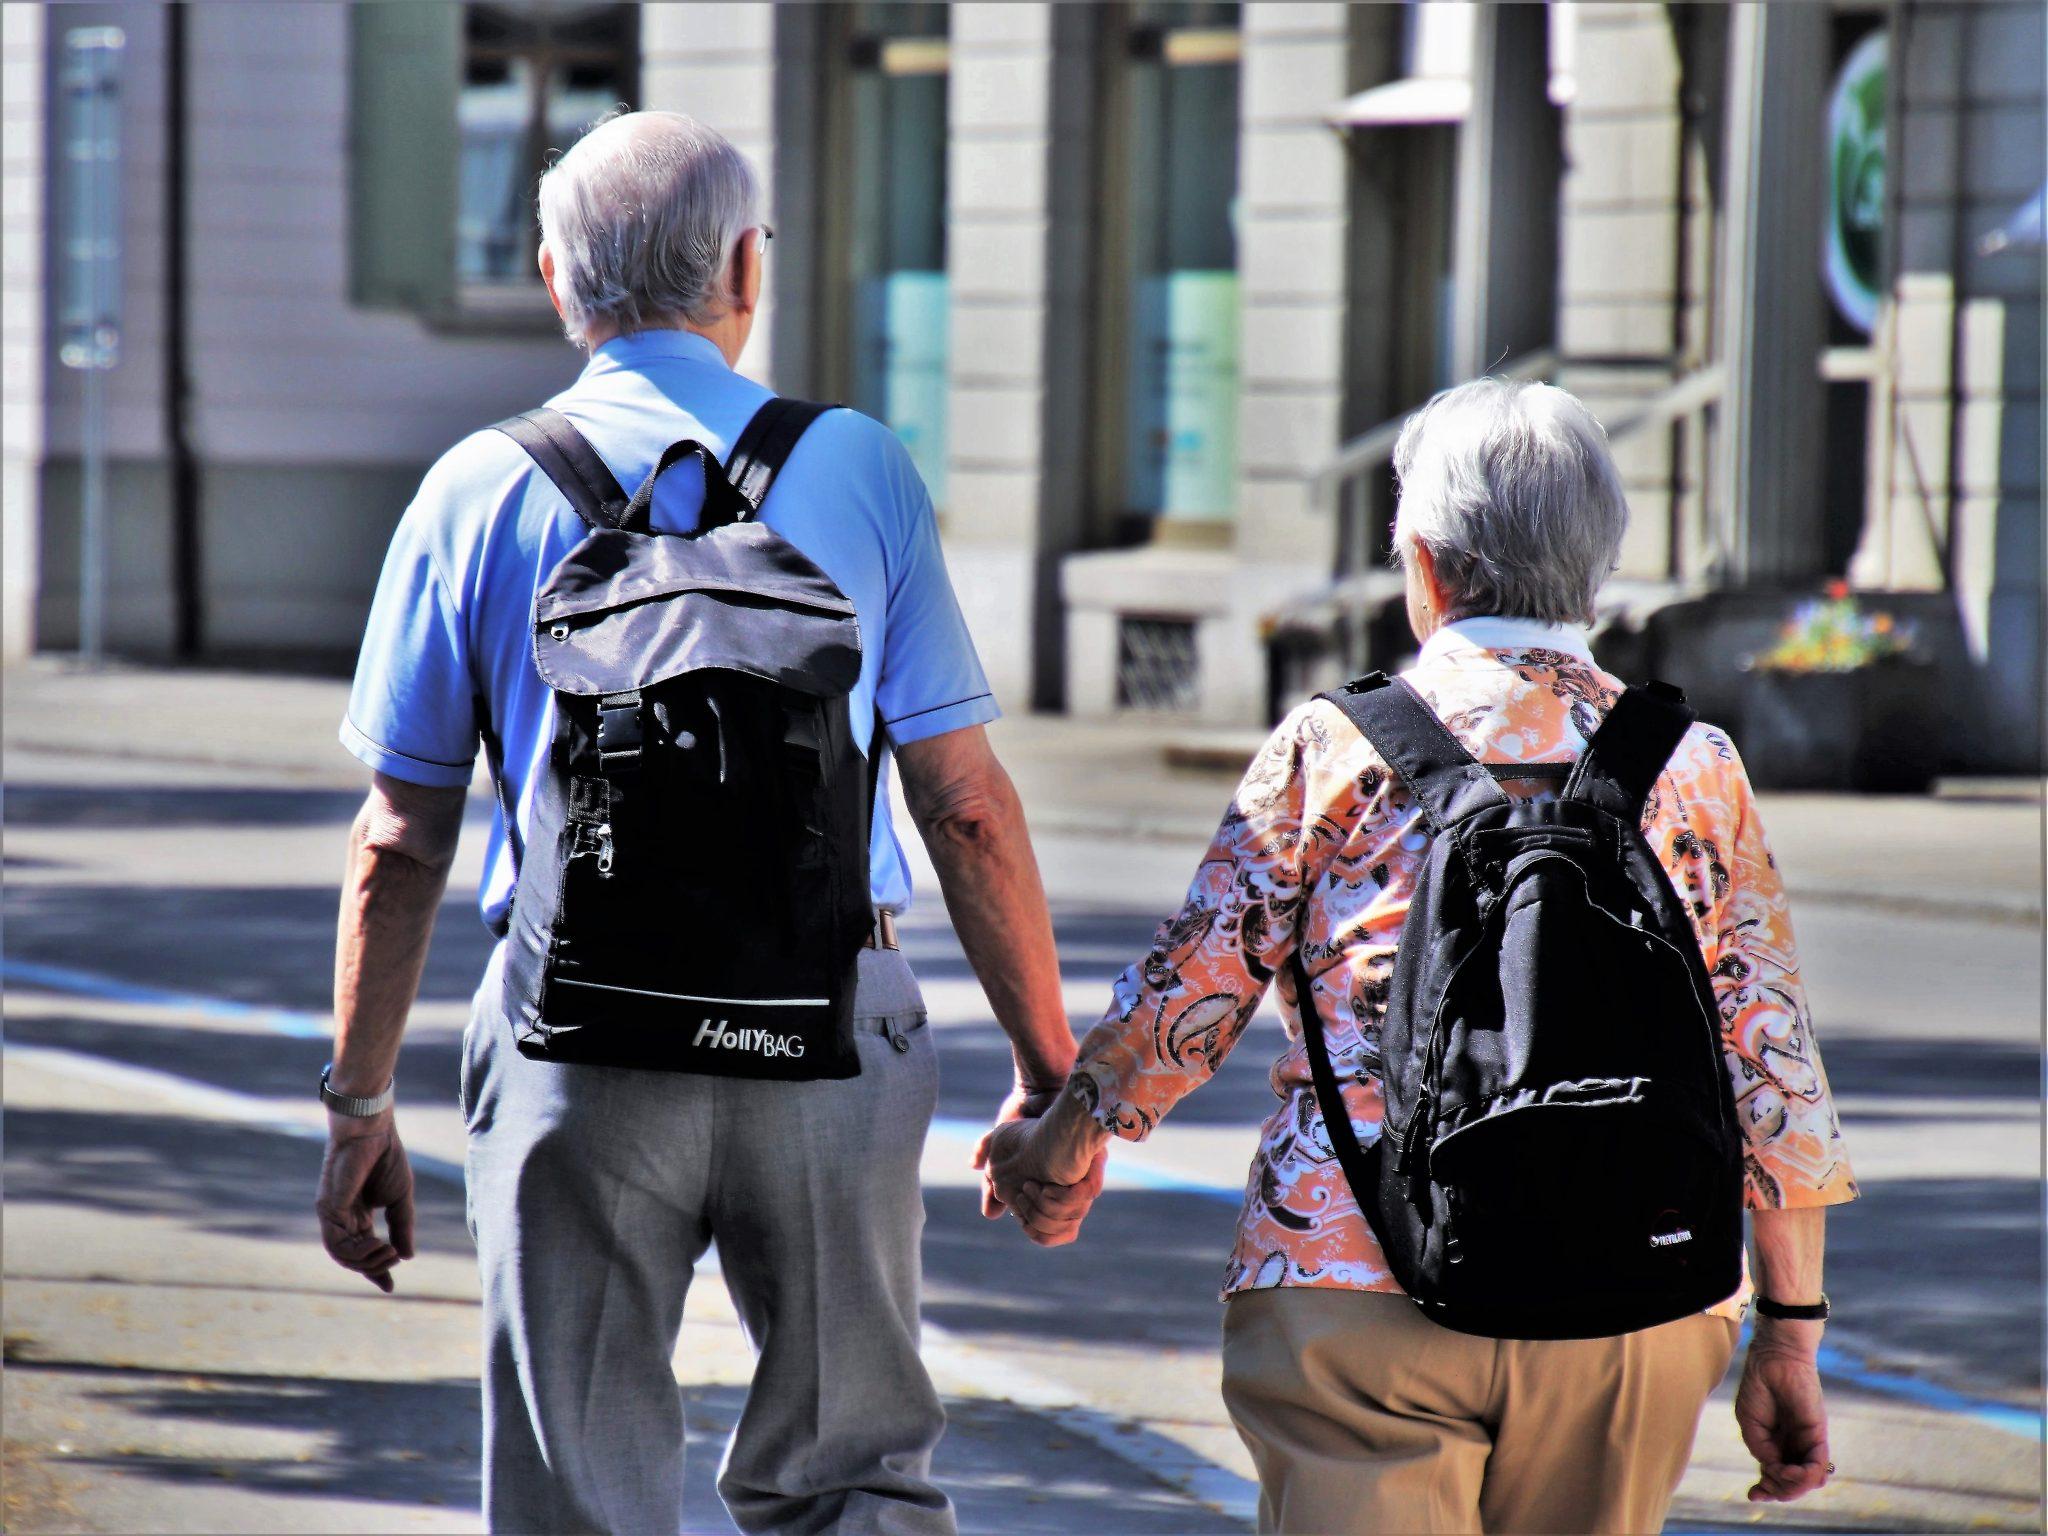 regime casamento separação obrigatória idosos bens mochila mãos dadas grisalhos